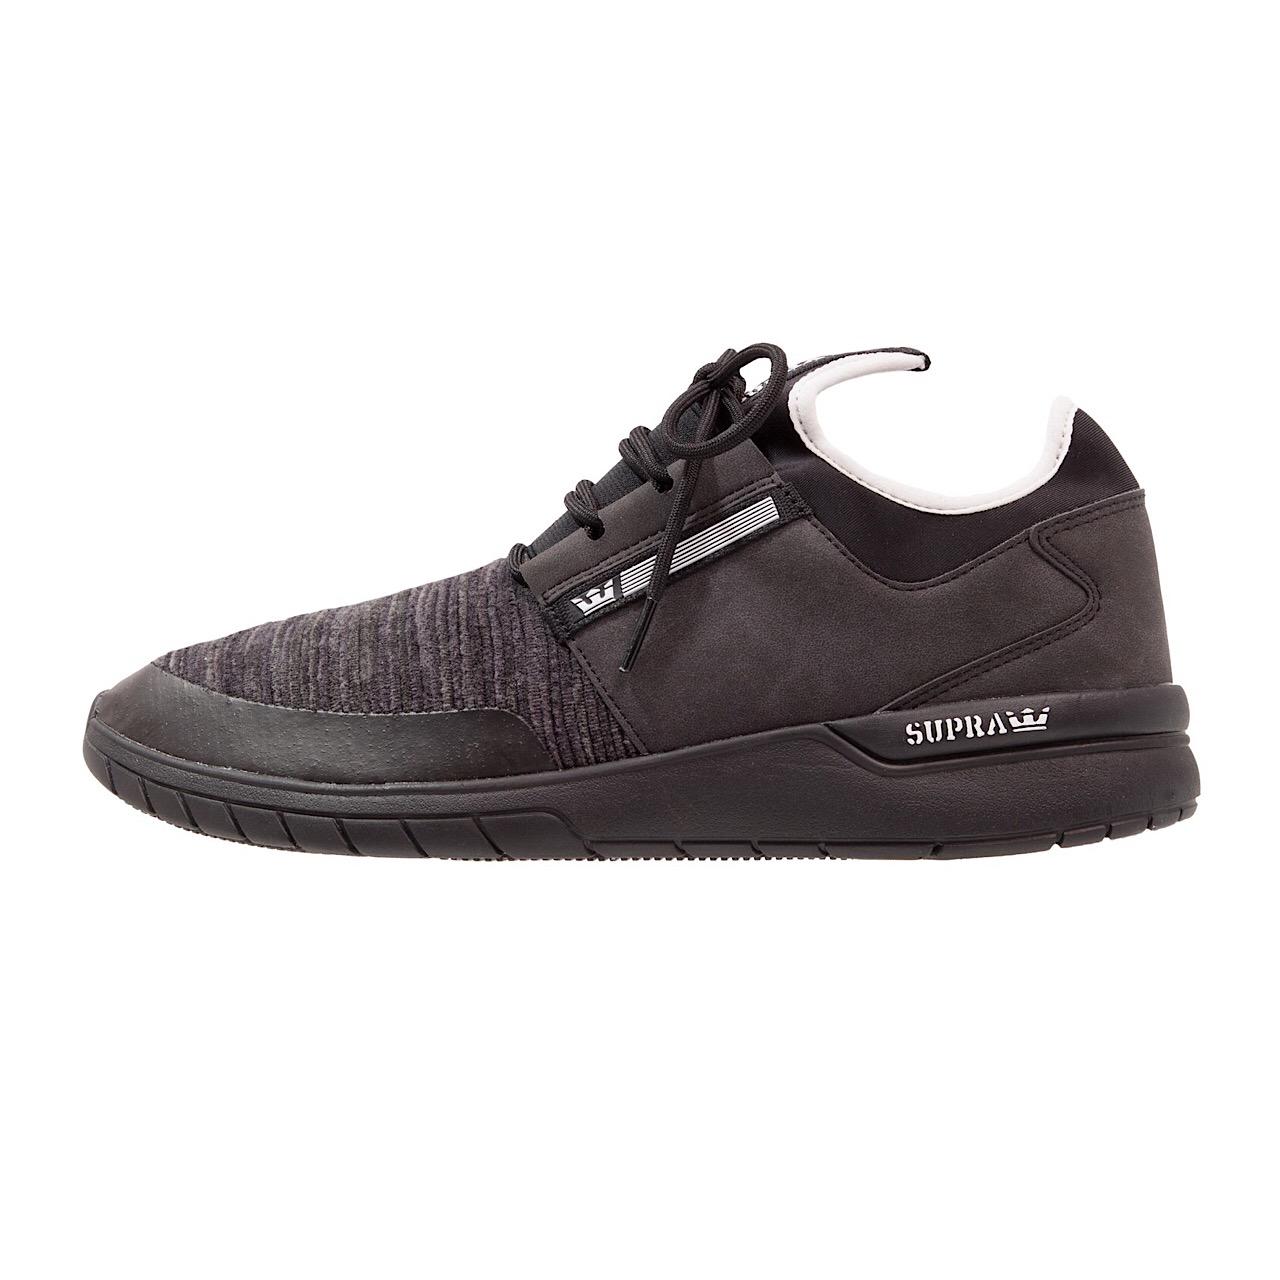 قیمت کفش راحتی مردانه سوپرا مدل Flow Run